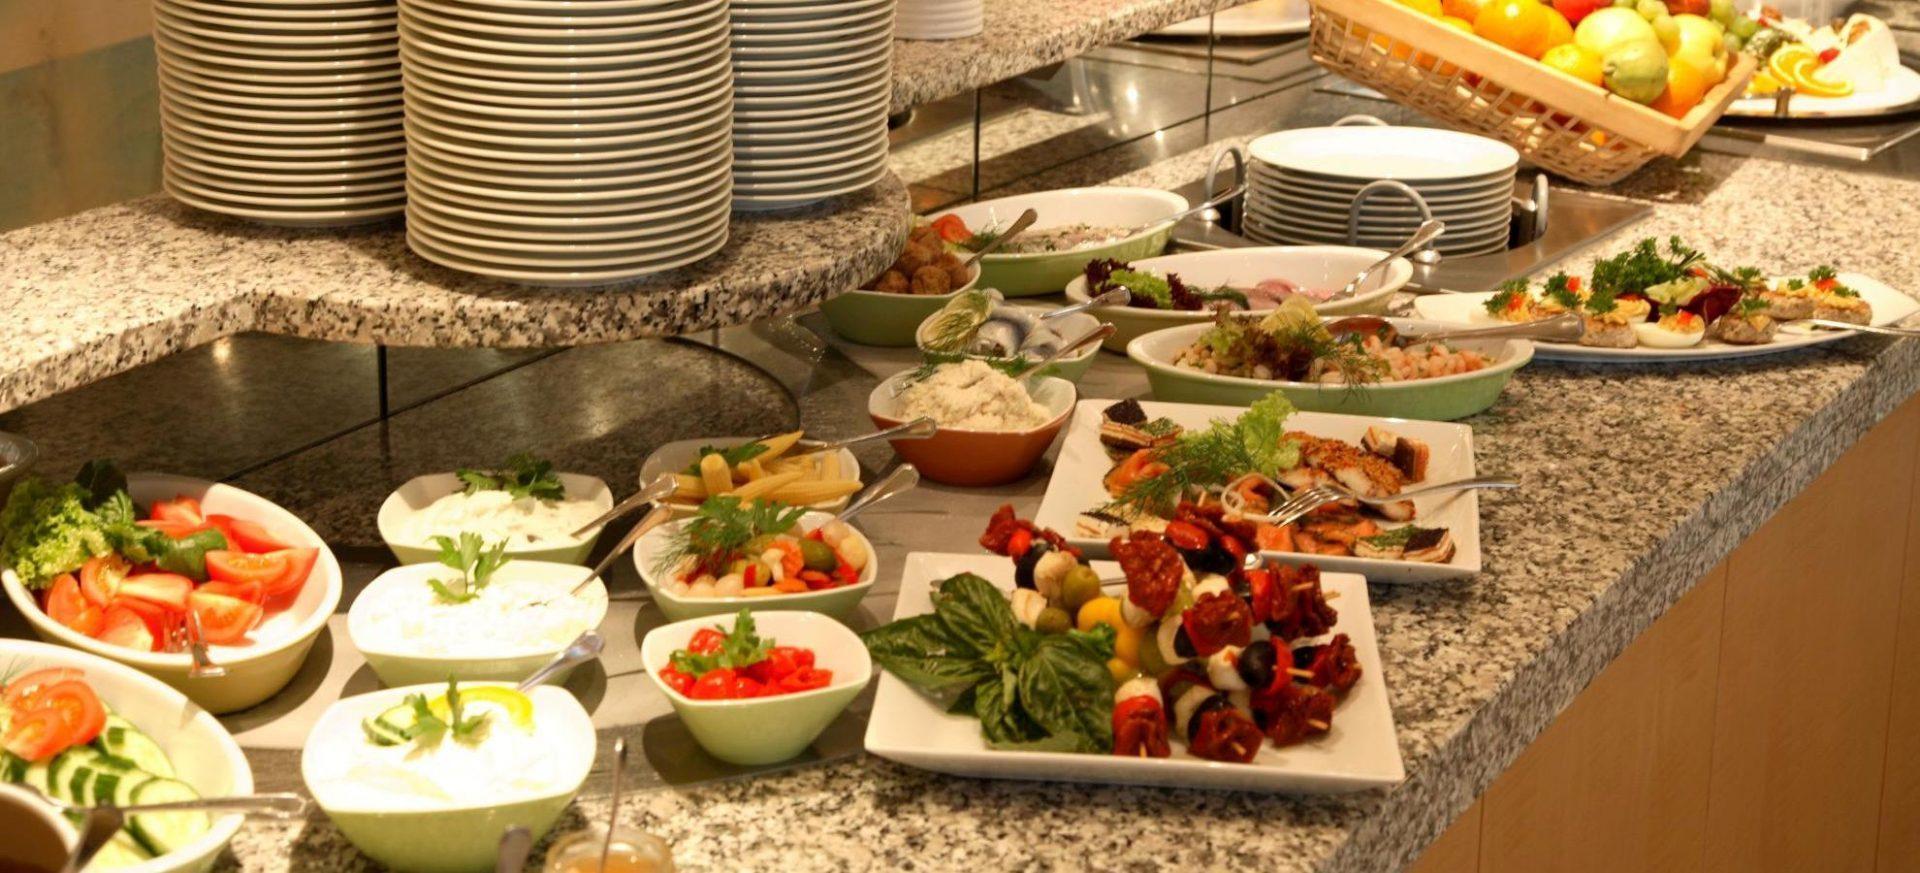 Radisson Blu Hotel Erfurt Frühstücksbuffet / Breakfast buffet